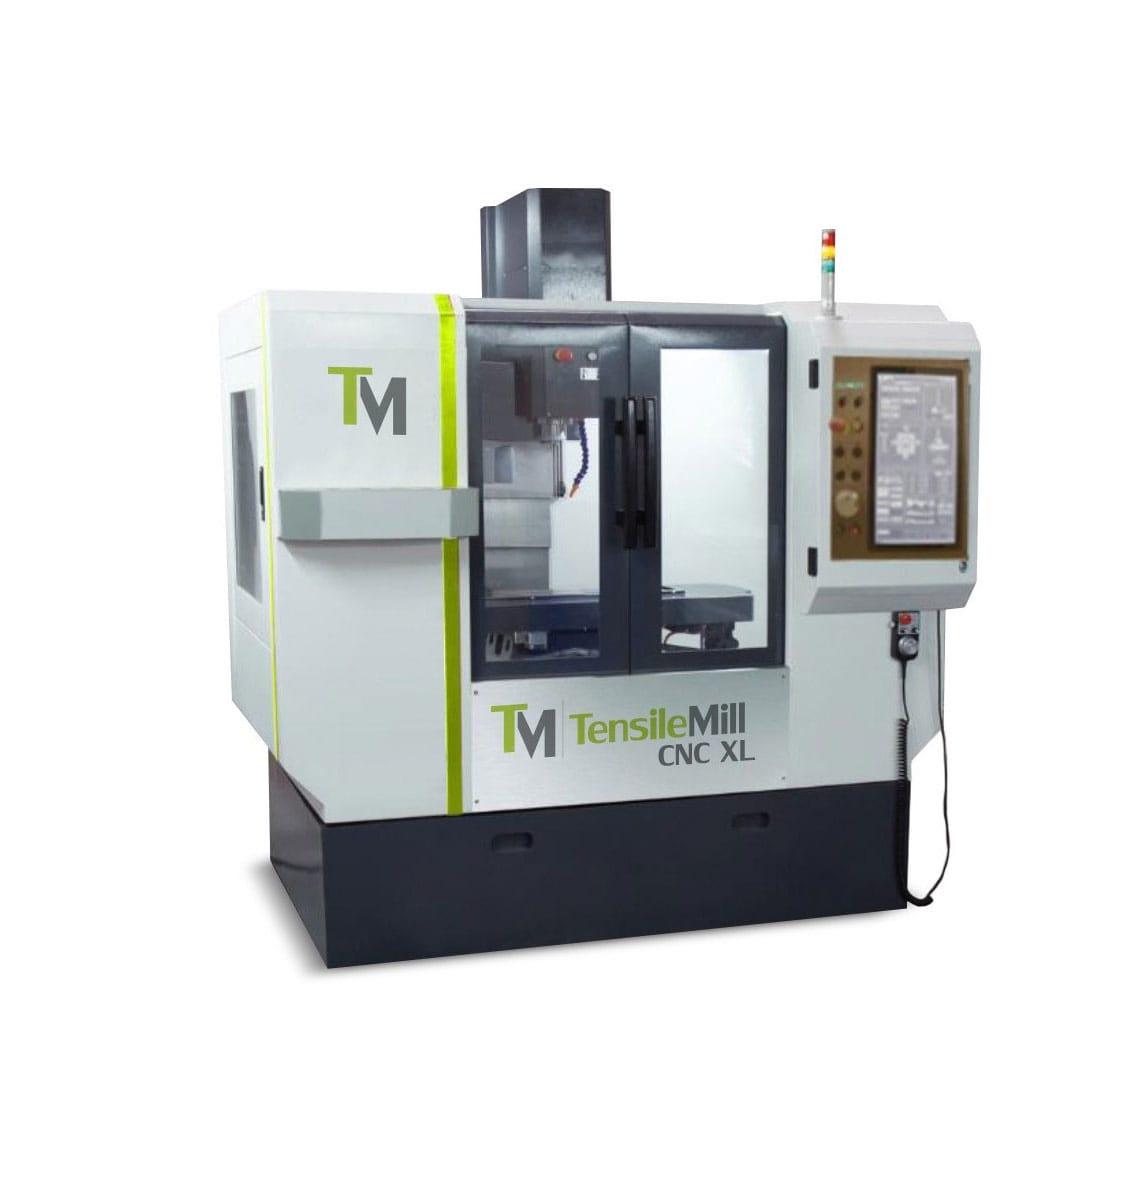 TensileMill CNC XL - Flat Tensile Sample Preparation Equipment